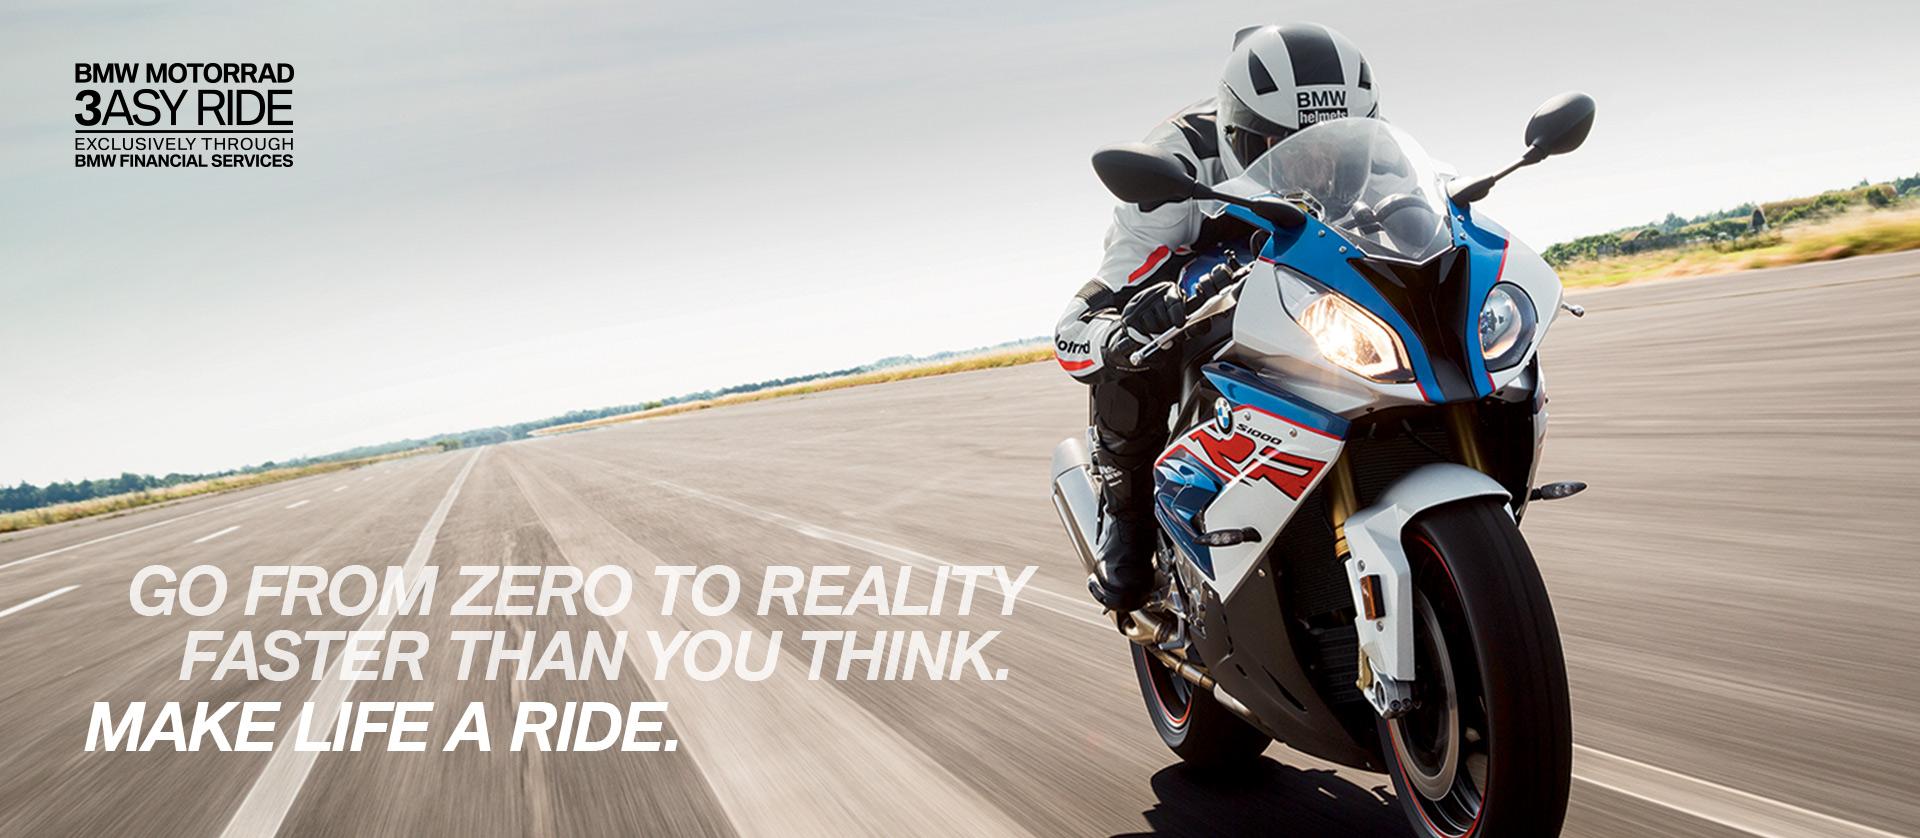 4promobmw | bmw motorcycle of north dallas | plano texas